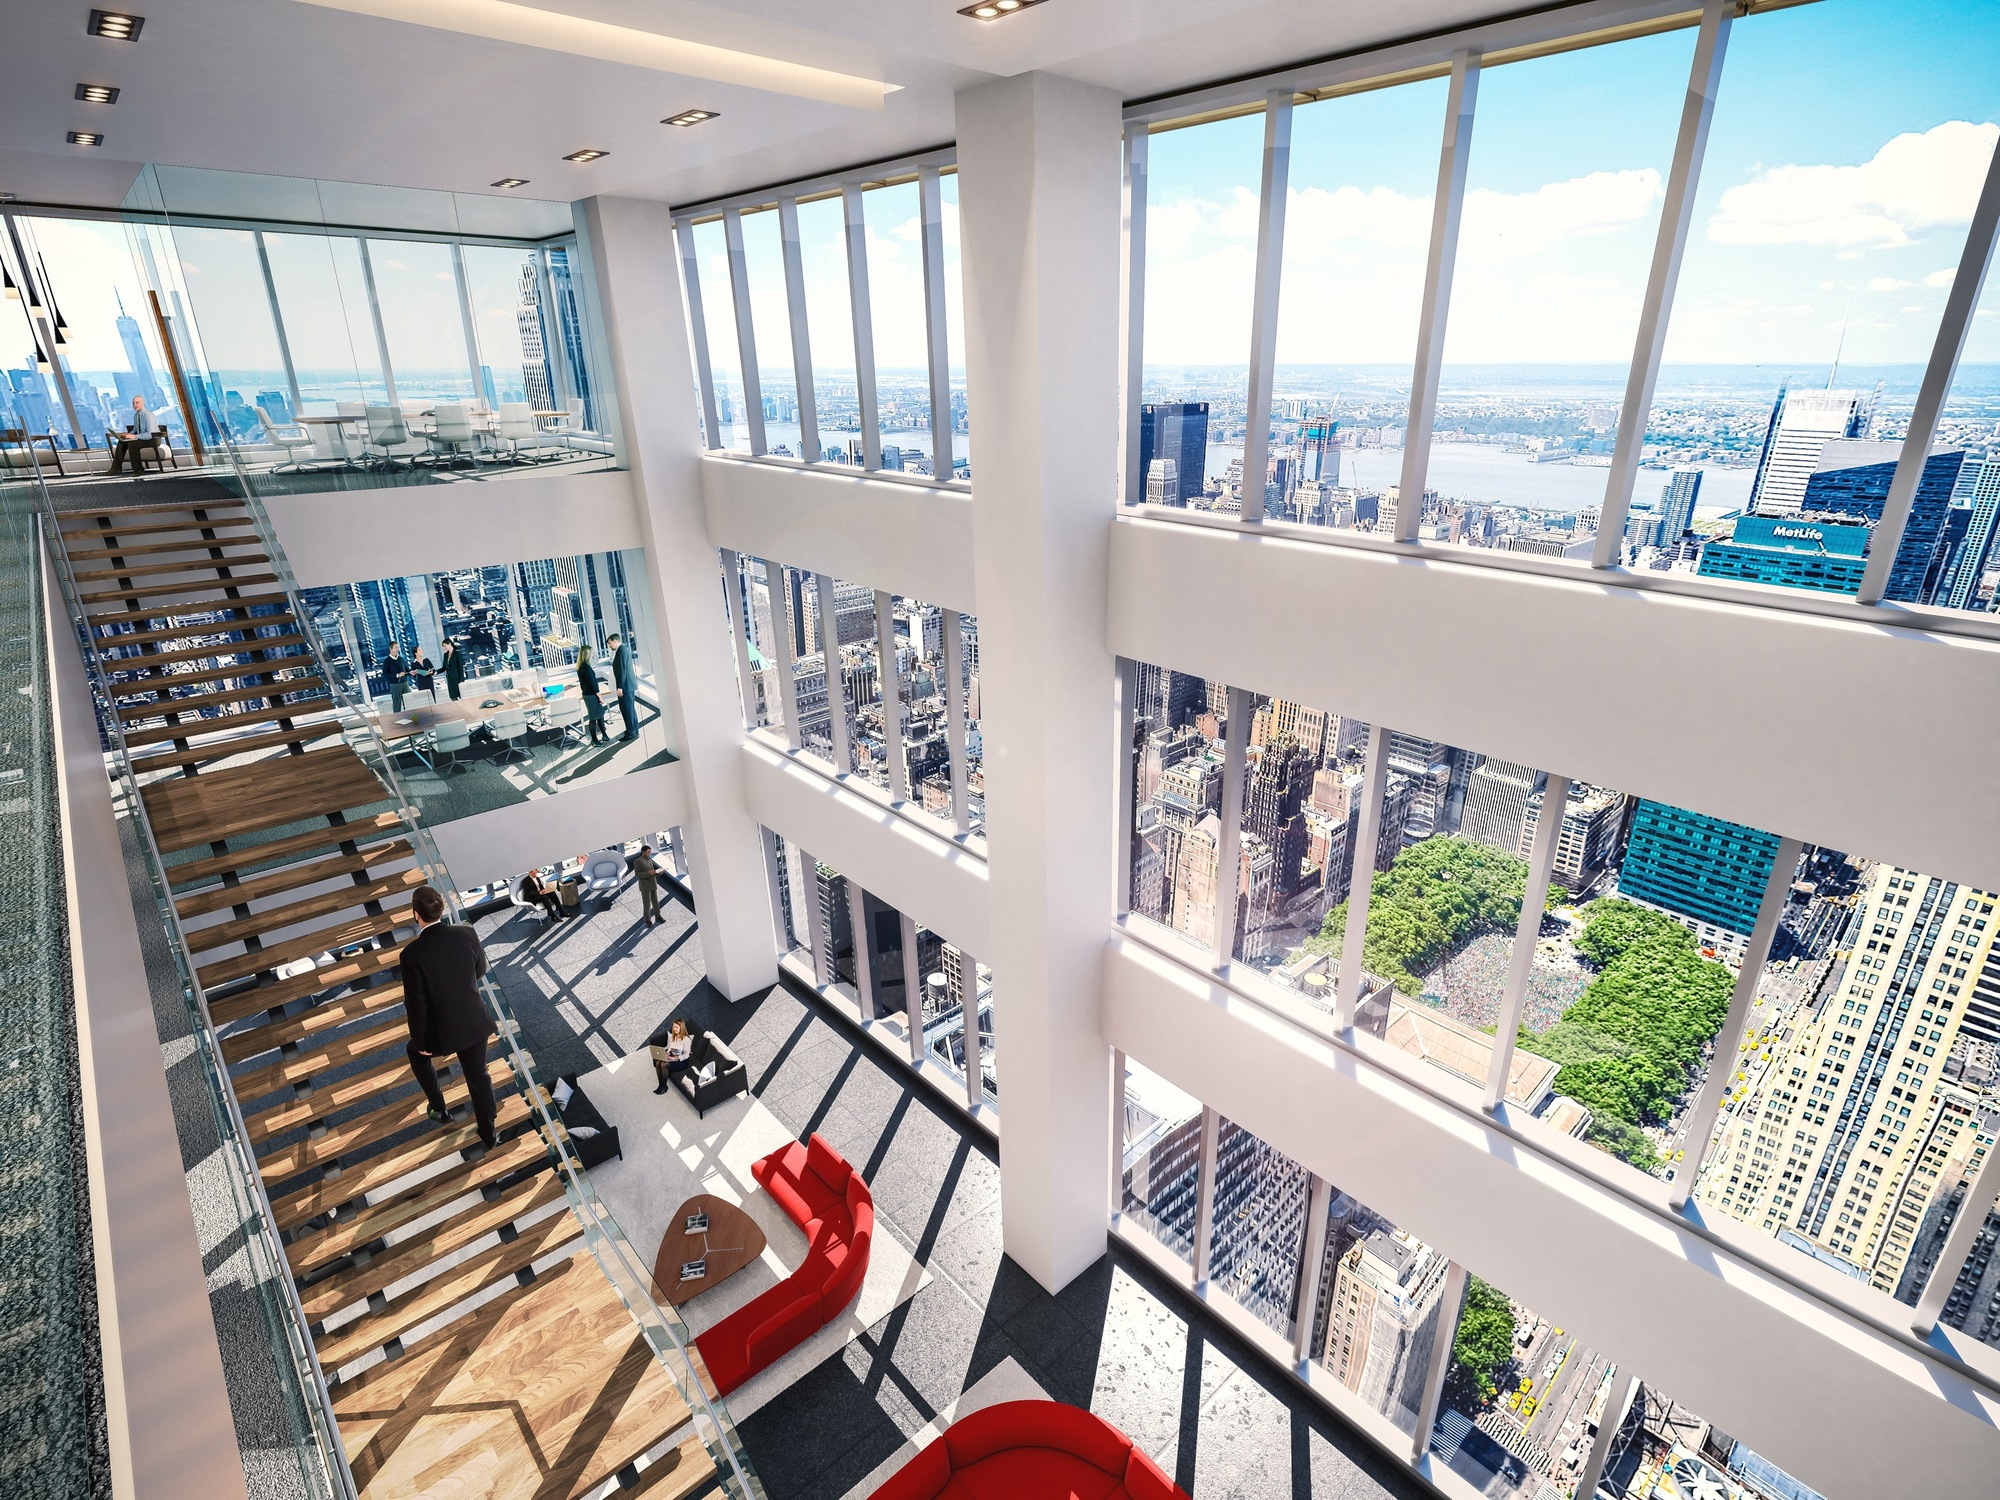 Galeria de come a a constru o da segunda maior torre de for Woodworks design office 9